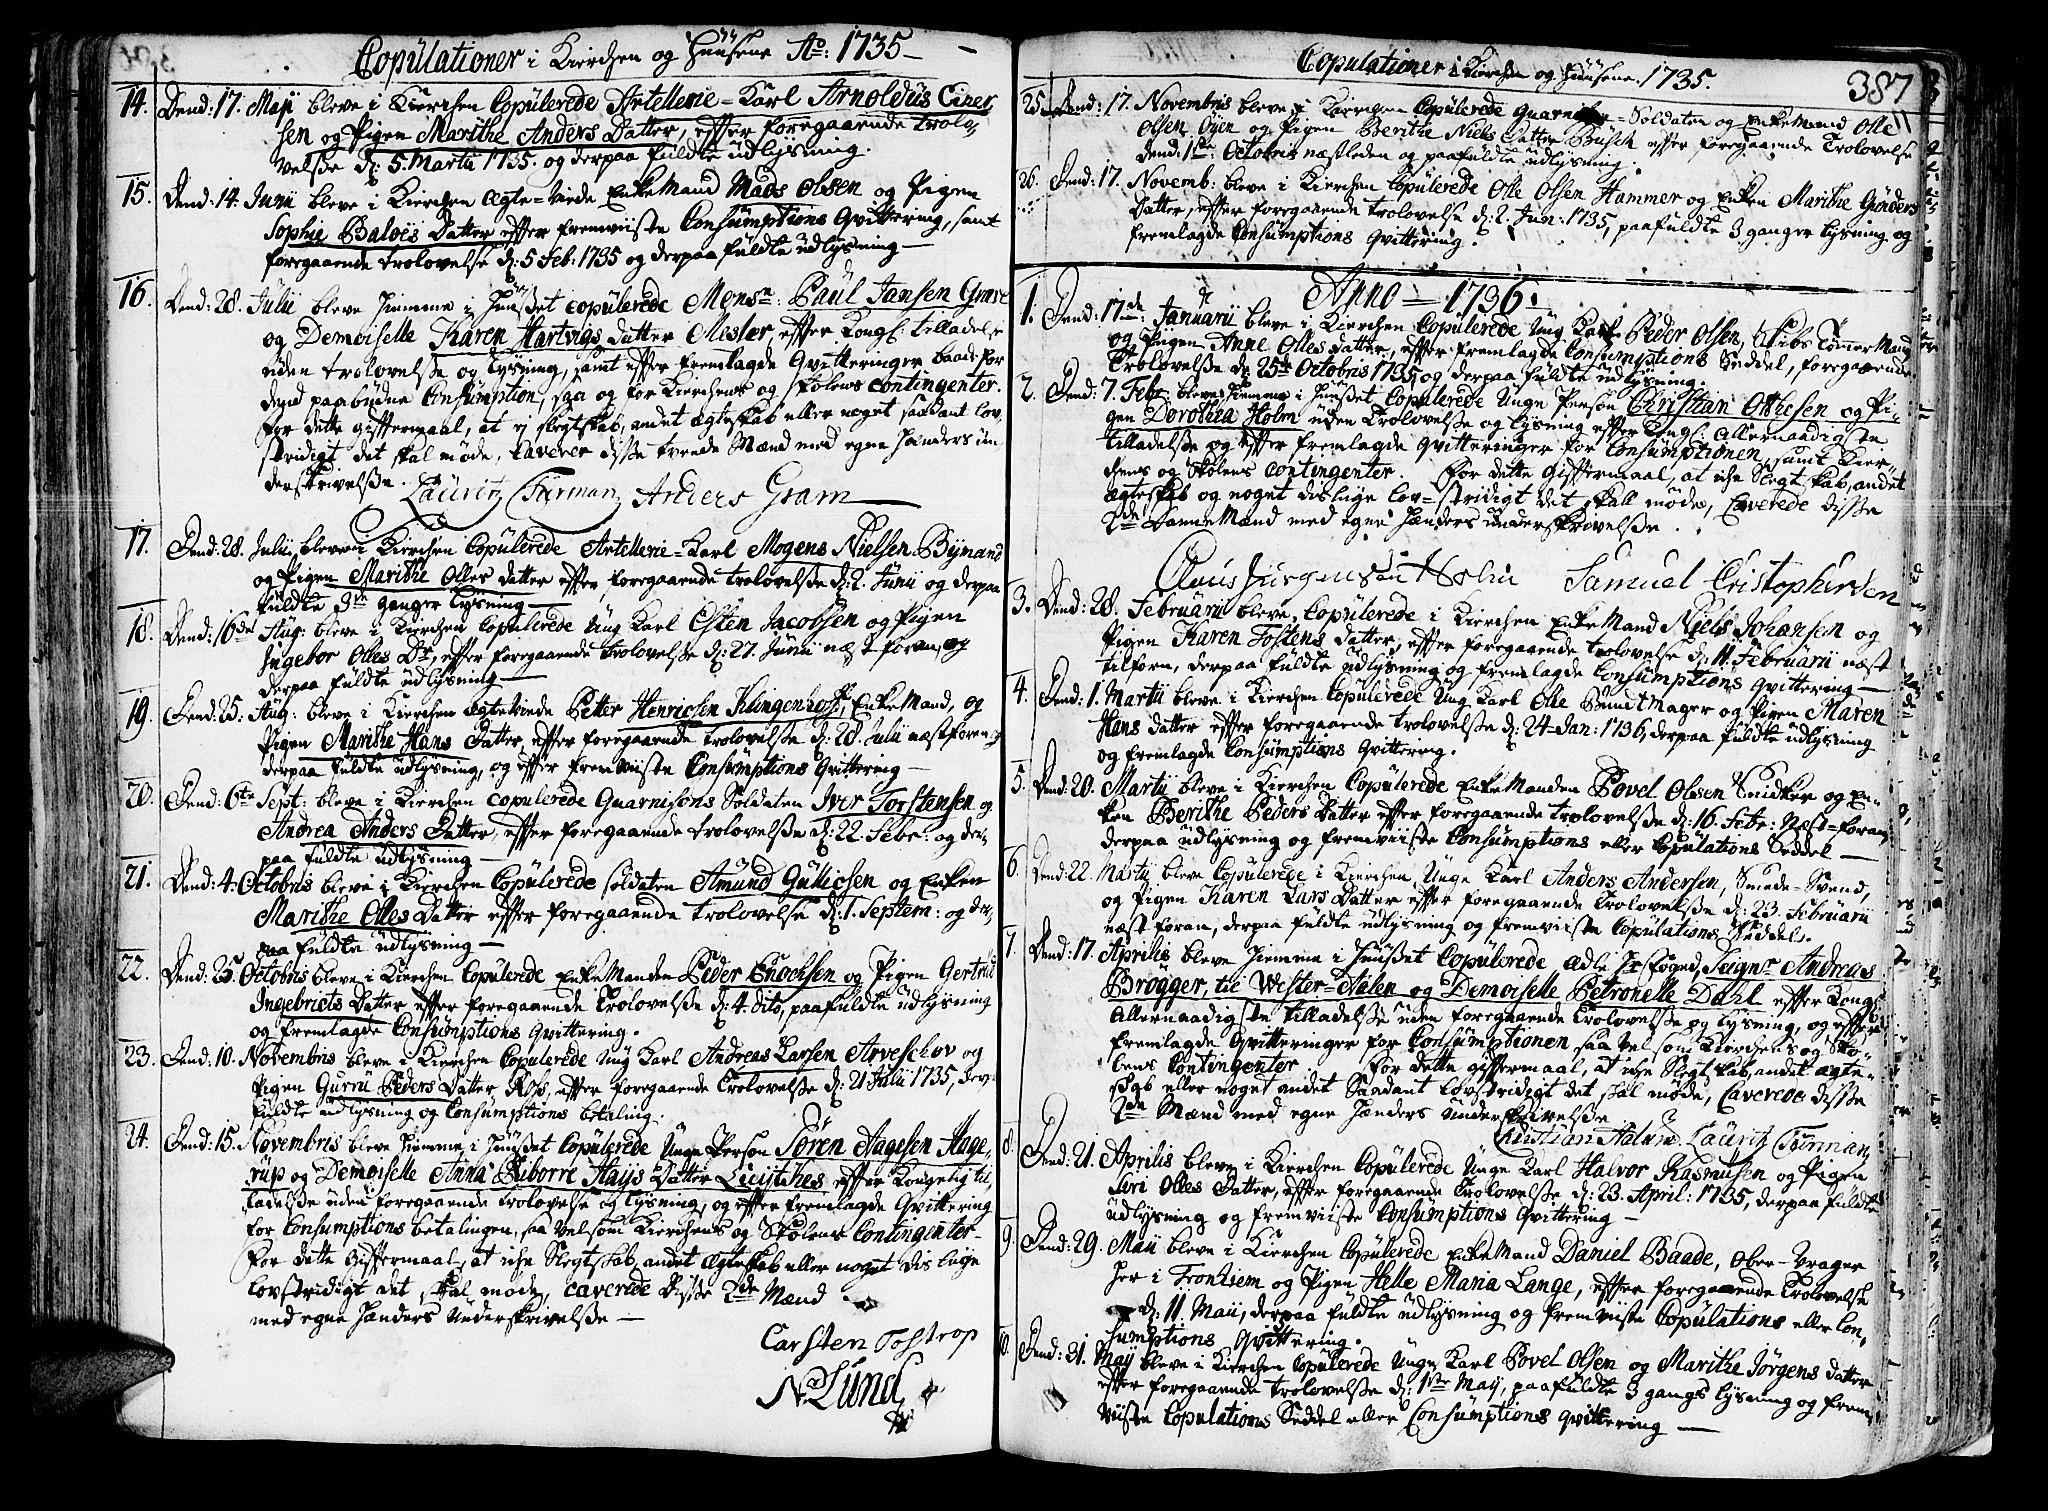 SAT, Ministerialprotokoller, klokkerbøker og fødselsregistre - Sør-Trøndelag, 602/L0103: Ministerialbok nr. 602A01, 1732-1774, s. 387